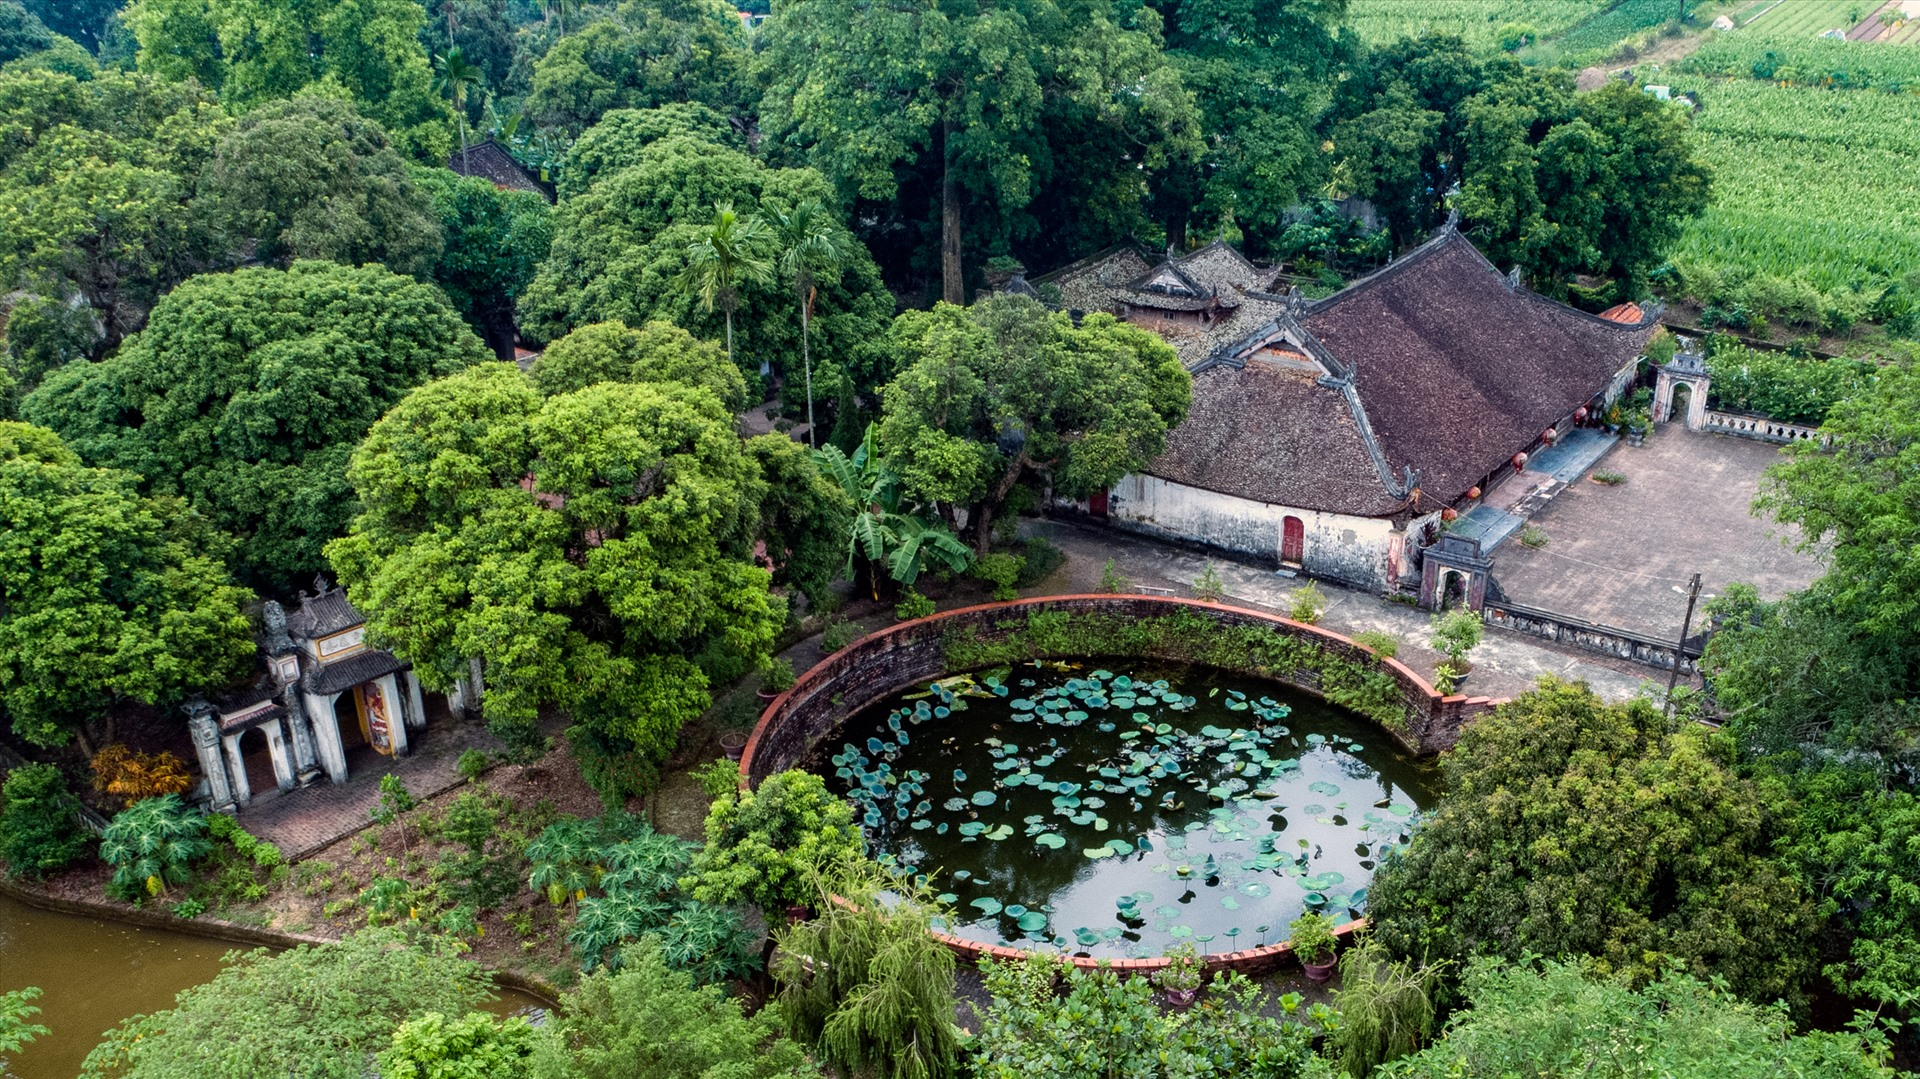 Giếng Đình Quan Xuyên thuộc xã Thành Công, Khoái Châu, Hưng Yên. Giếng nước nằm ngay bên đầu hồi trái của đình, phía trước cửa chùa.